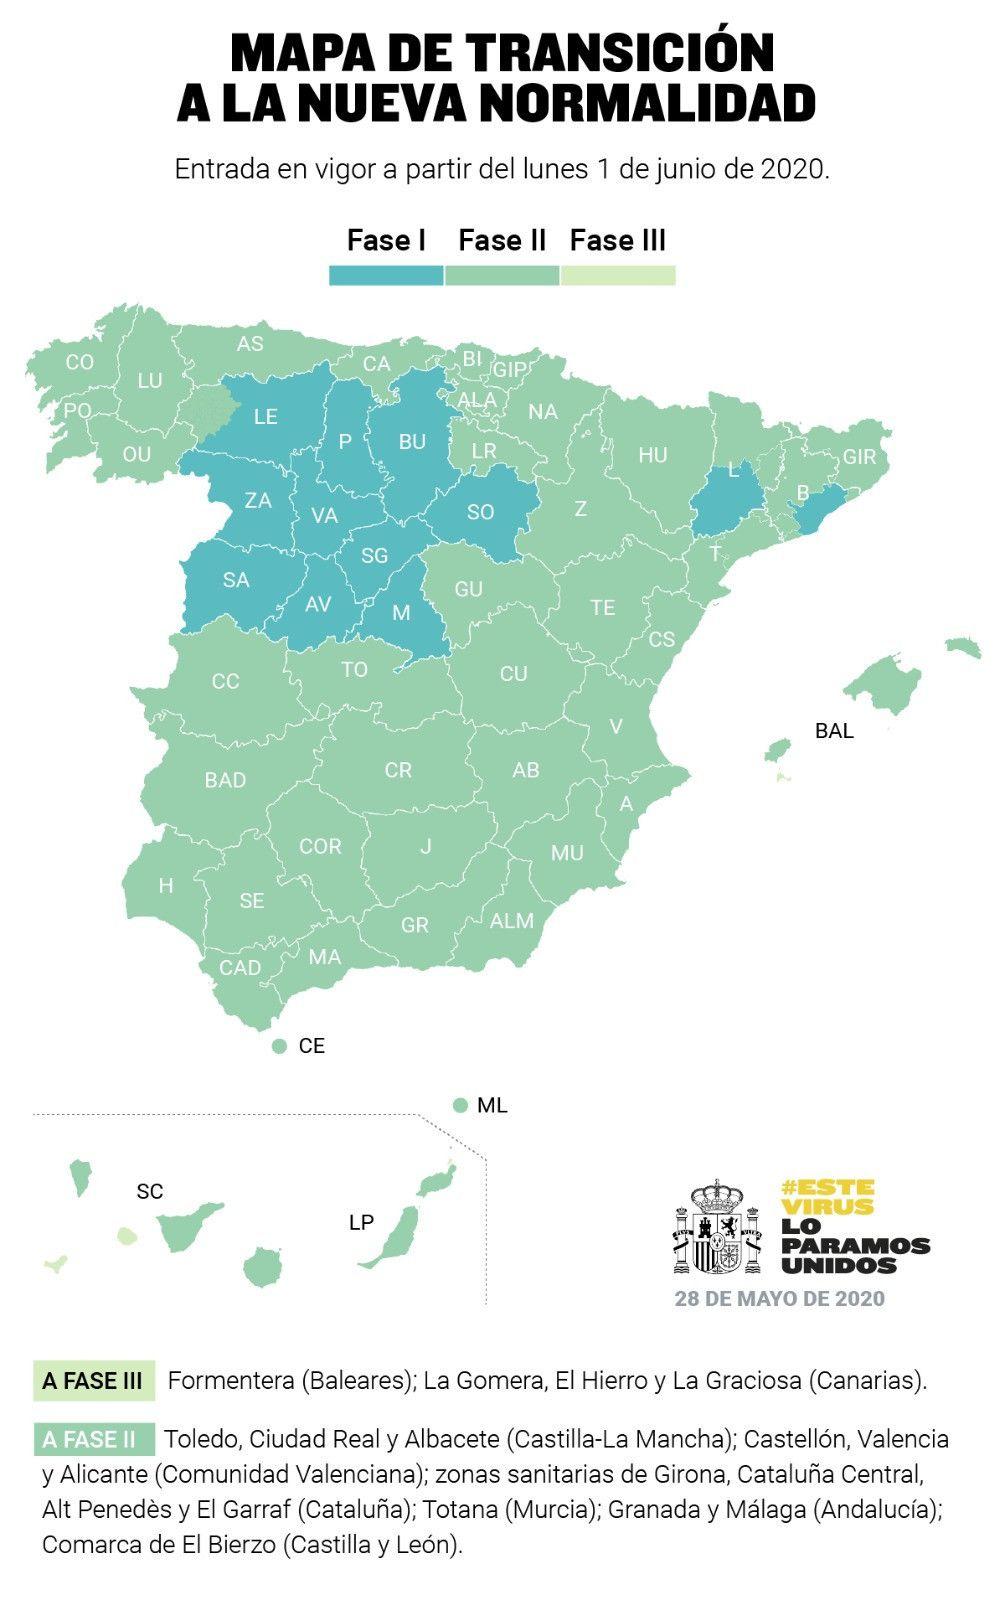 Mapa Del Bierzo Leon.Asi Queda El Mapa De La Desescalada A Nivel Nacional Tras Los Ultimos Cambios